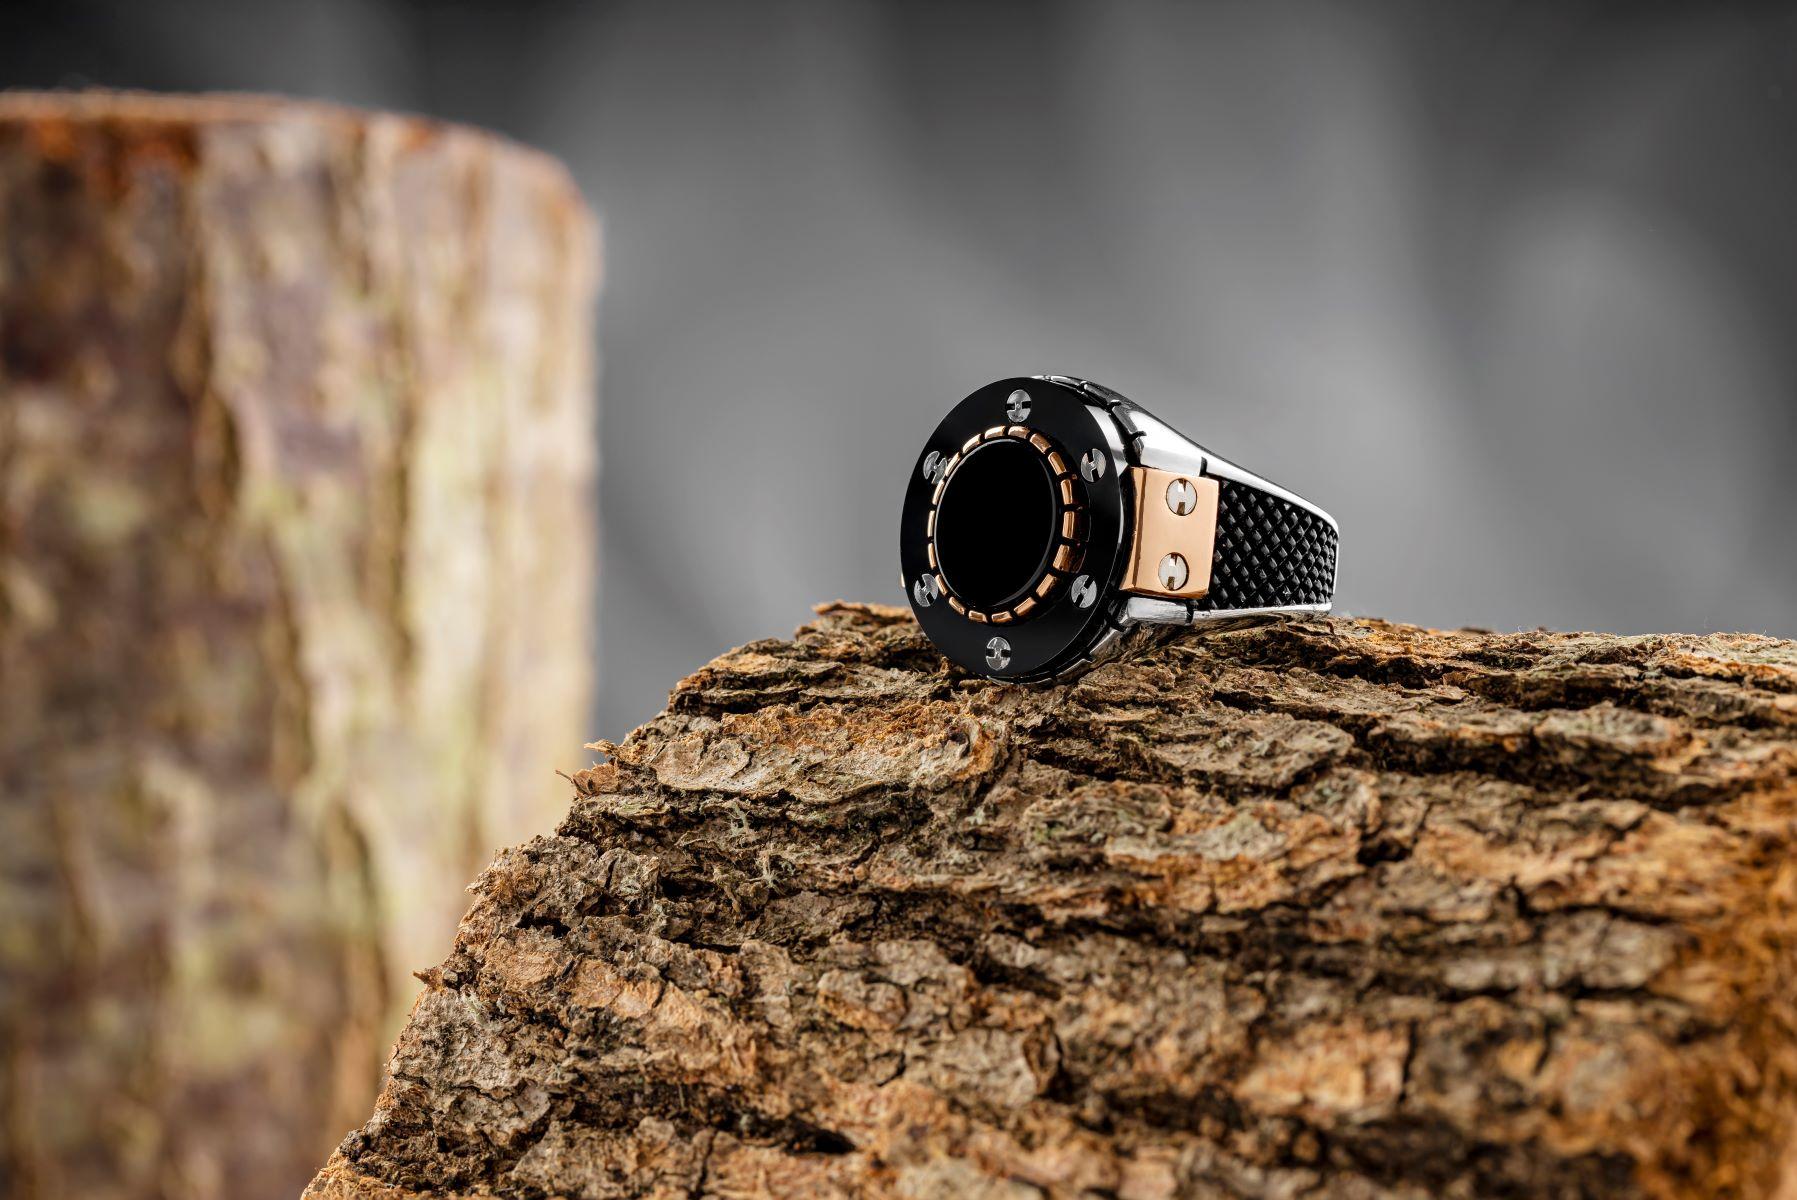 خاتم حجر عقيق من الفضة الإسترليني 925 مضمون عالي الجودة مصنوع في تركيا مصنوع بشكل جميل للرجال مع هدية